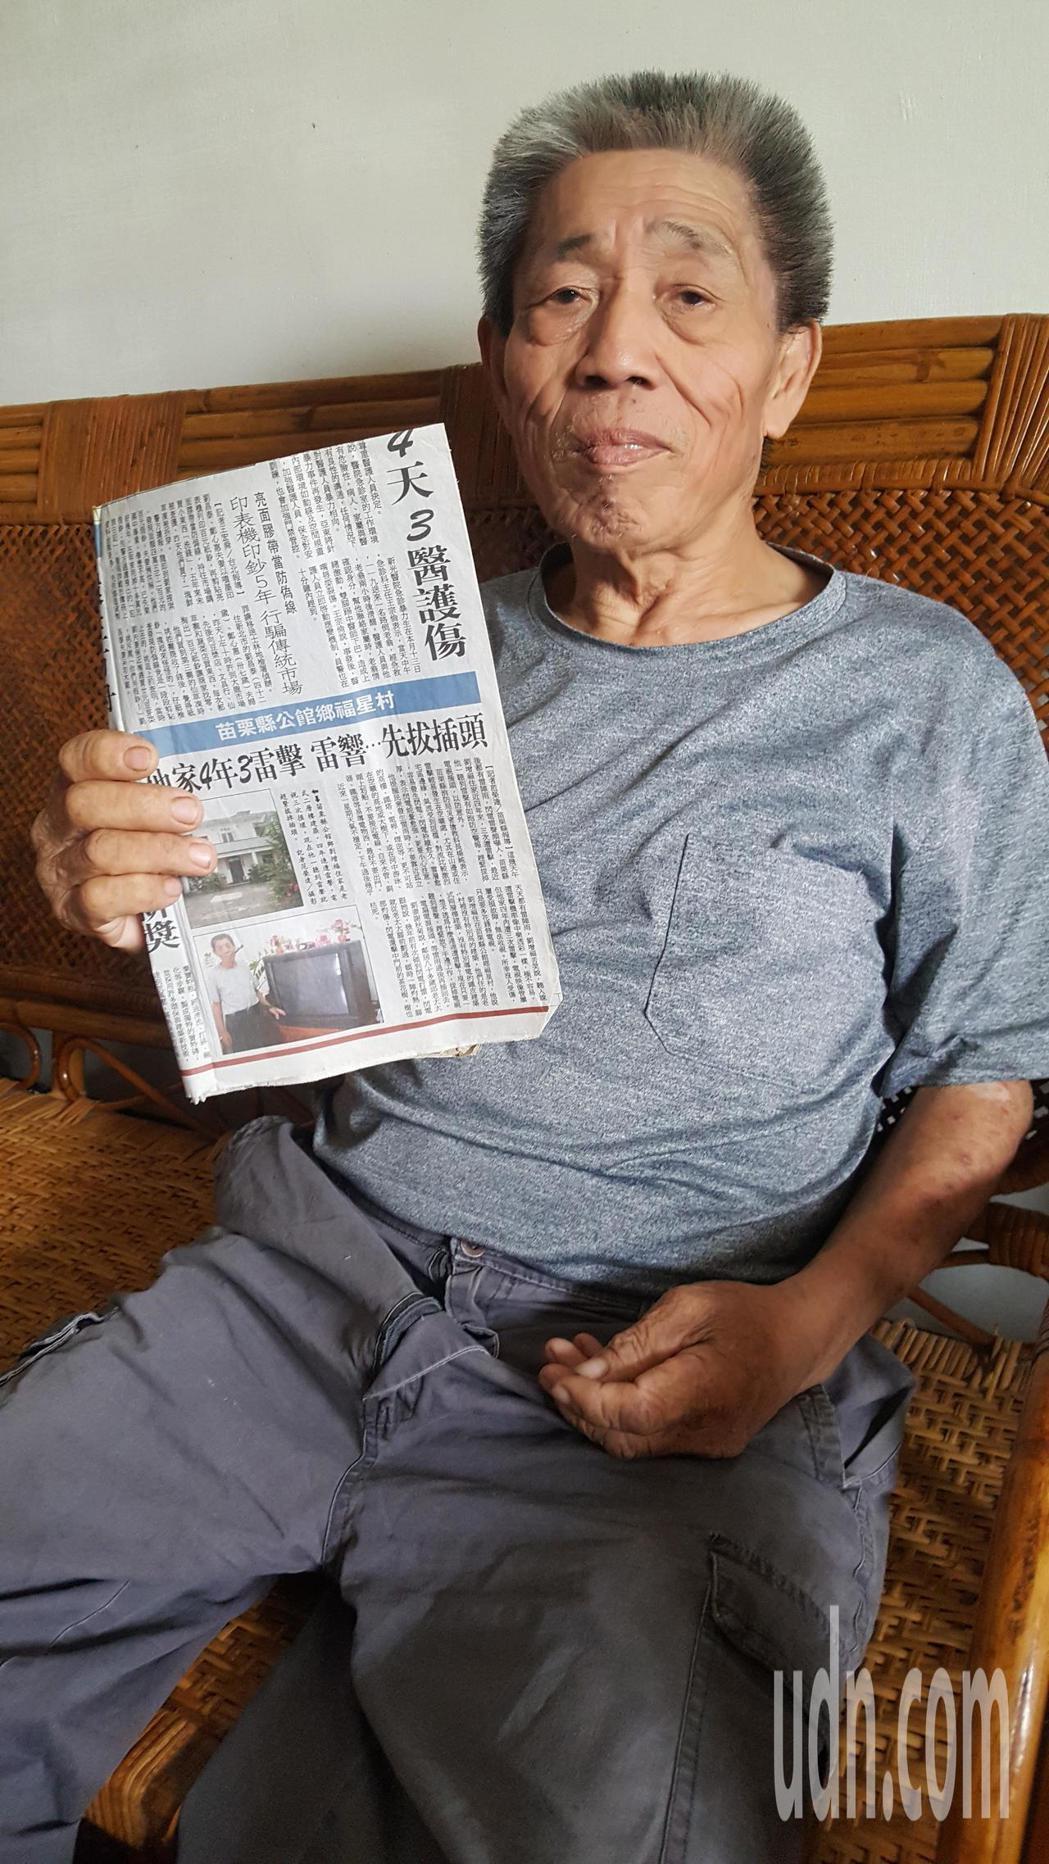 苗栗縣公館鄉民劉增福的住家,過去曾經發生4年遭3次雷擊的意外,造成電視機損壞,成...